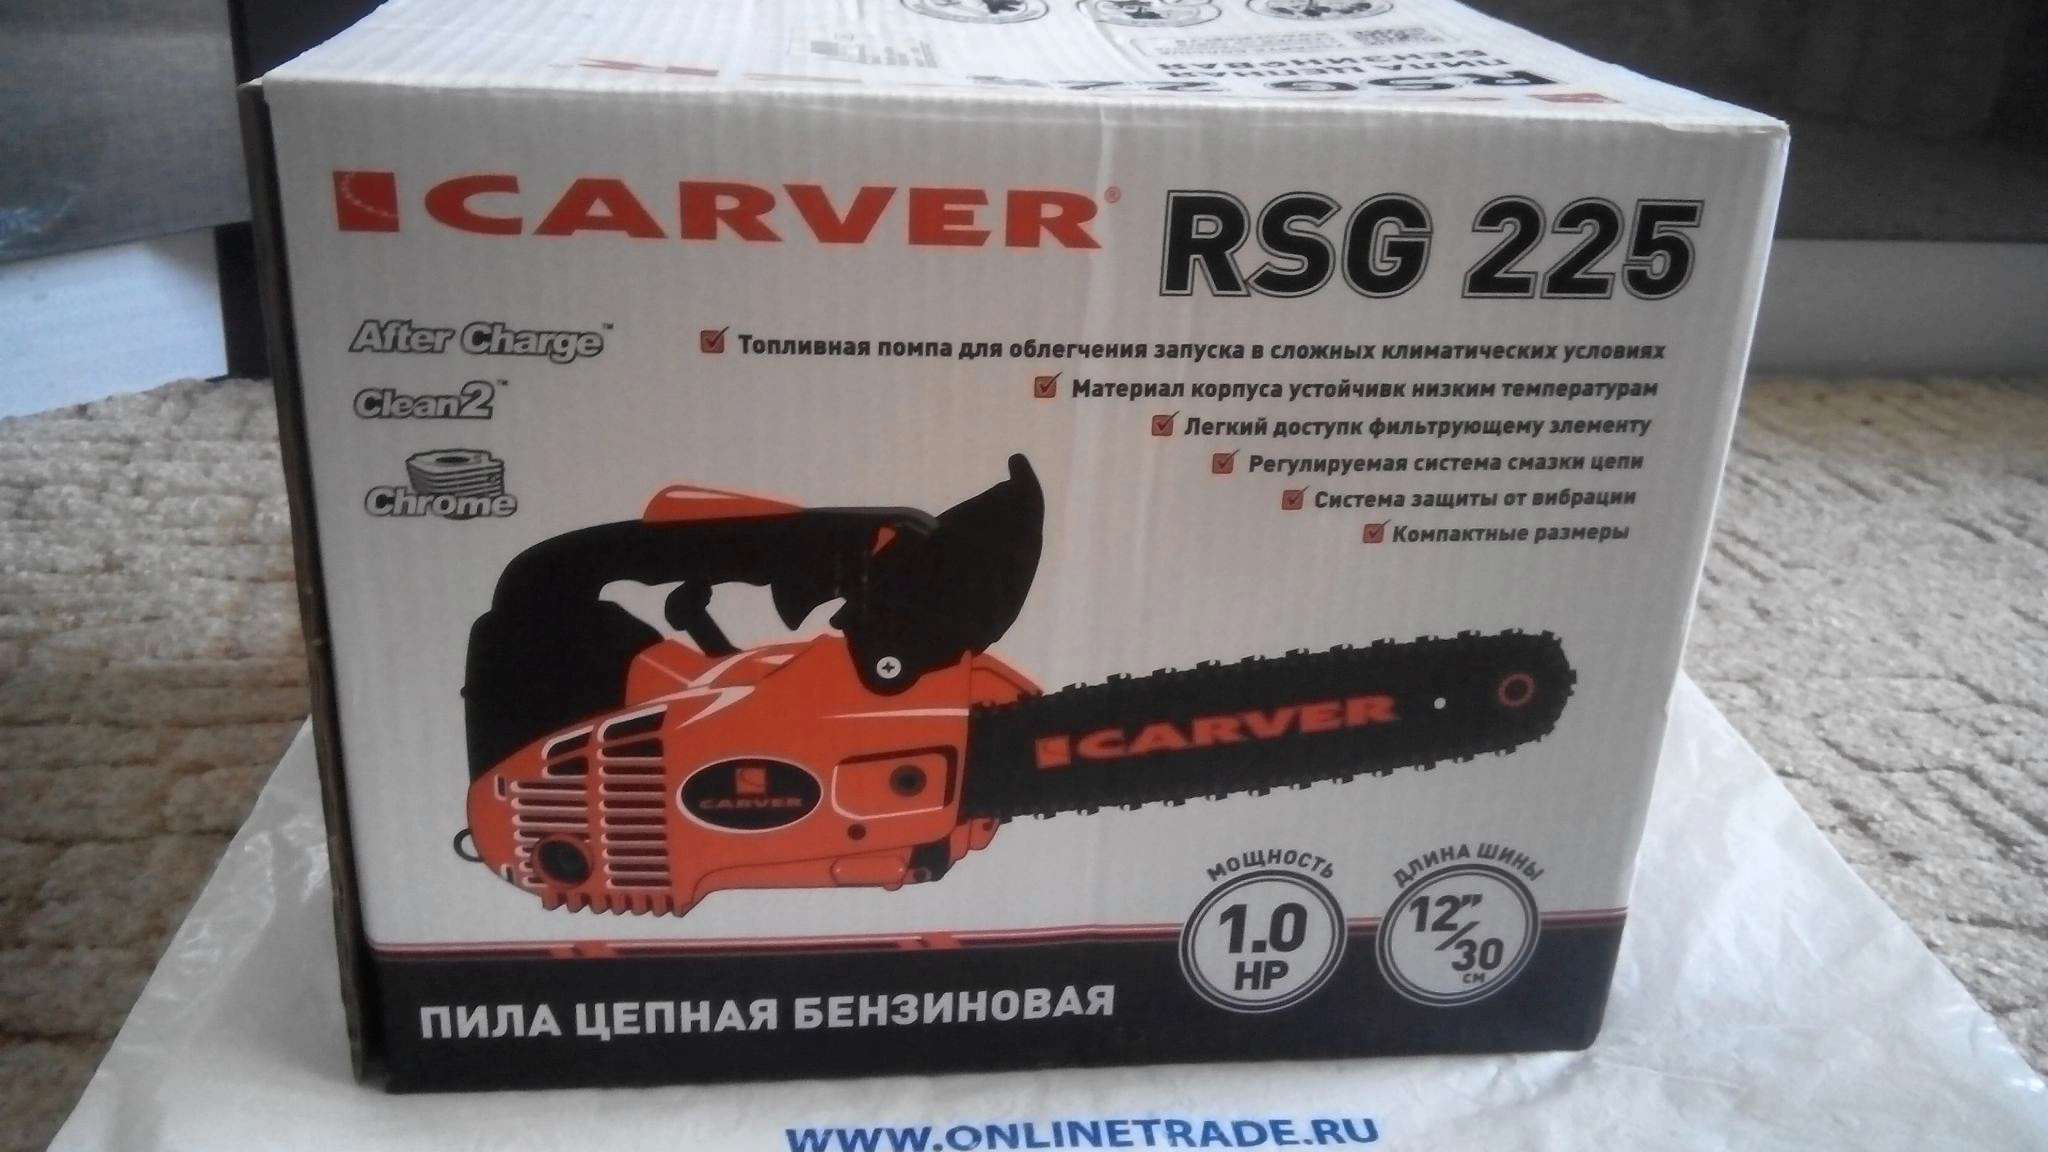 Carver rsg 252 — обзор бюджетной бензопилы